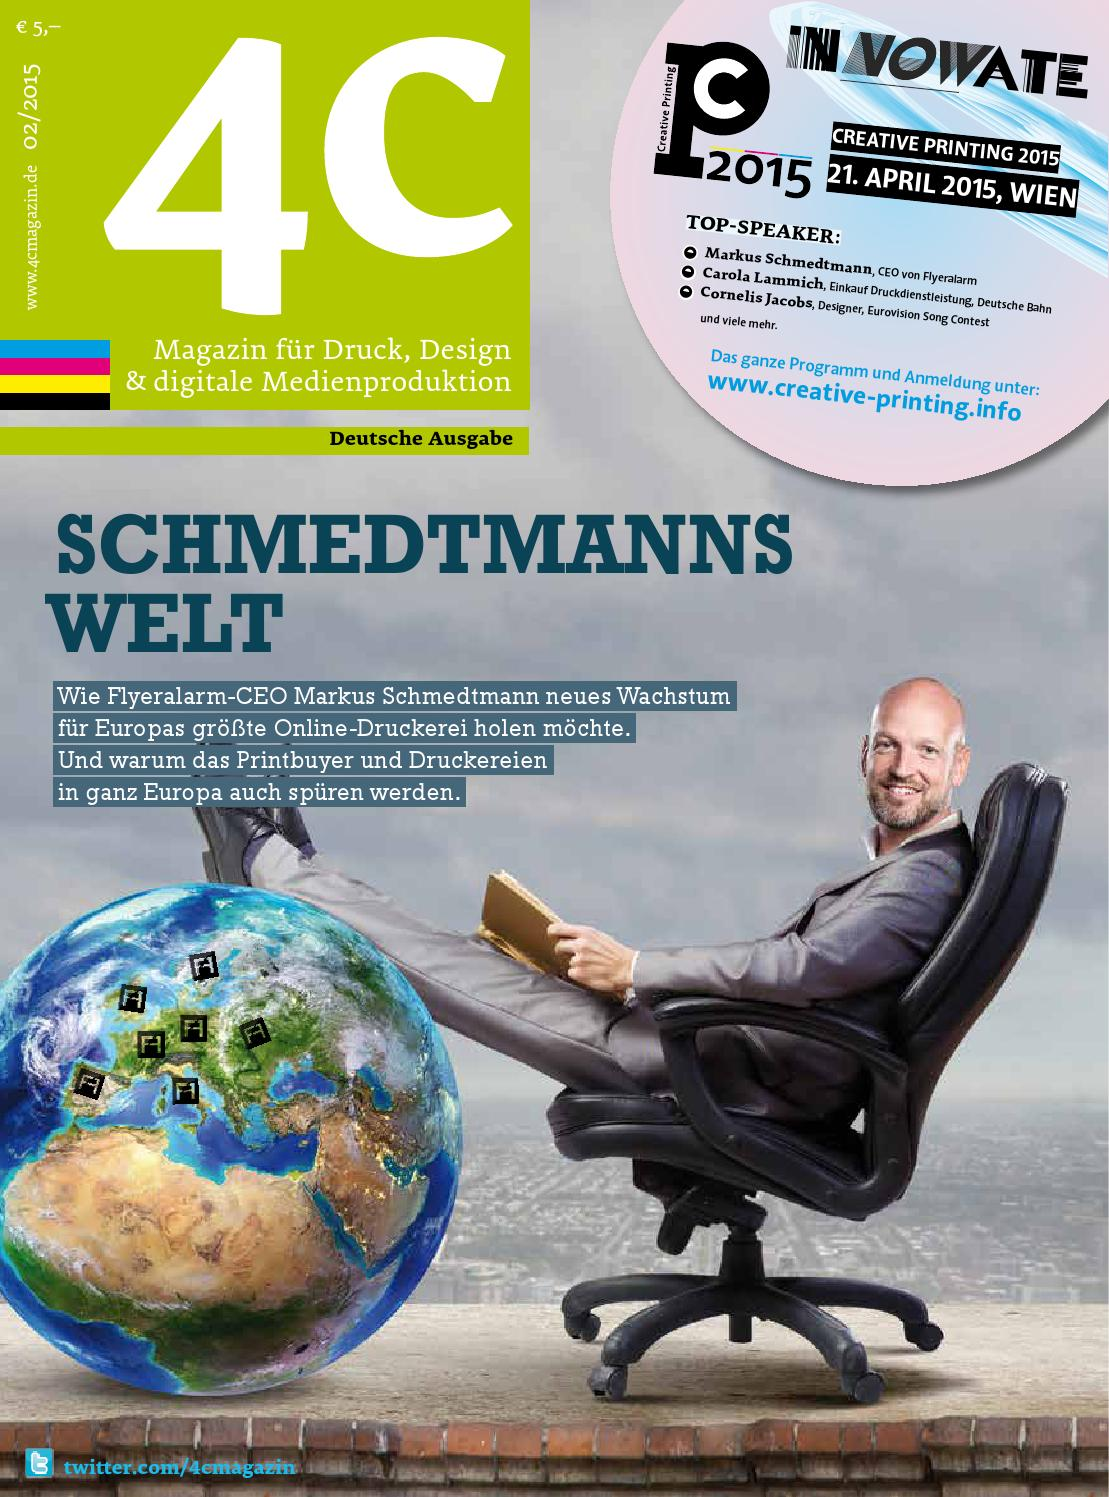 4c Deutschland Ausgabe 2 2015 By 4cmagazin Issuu